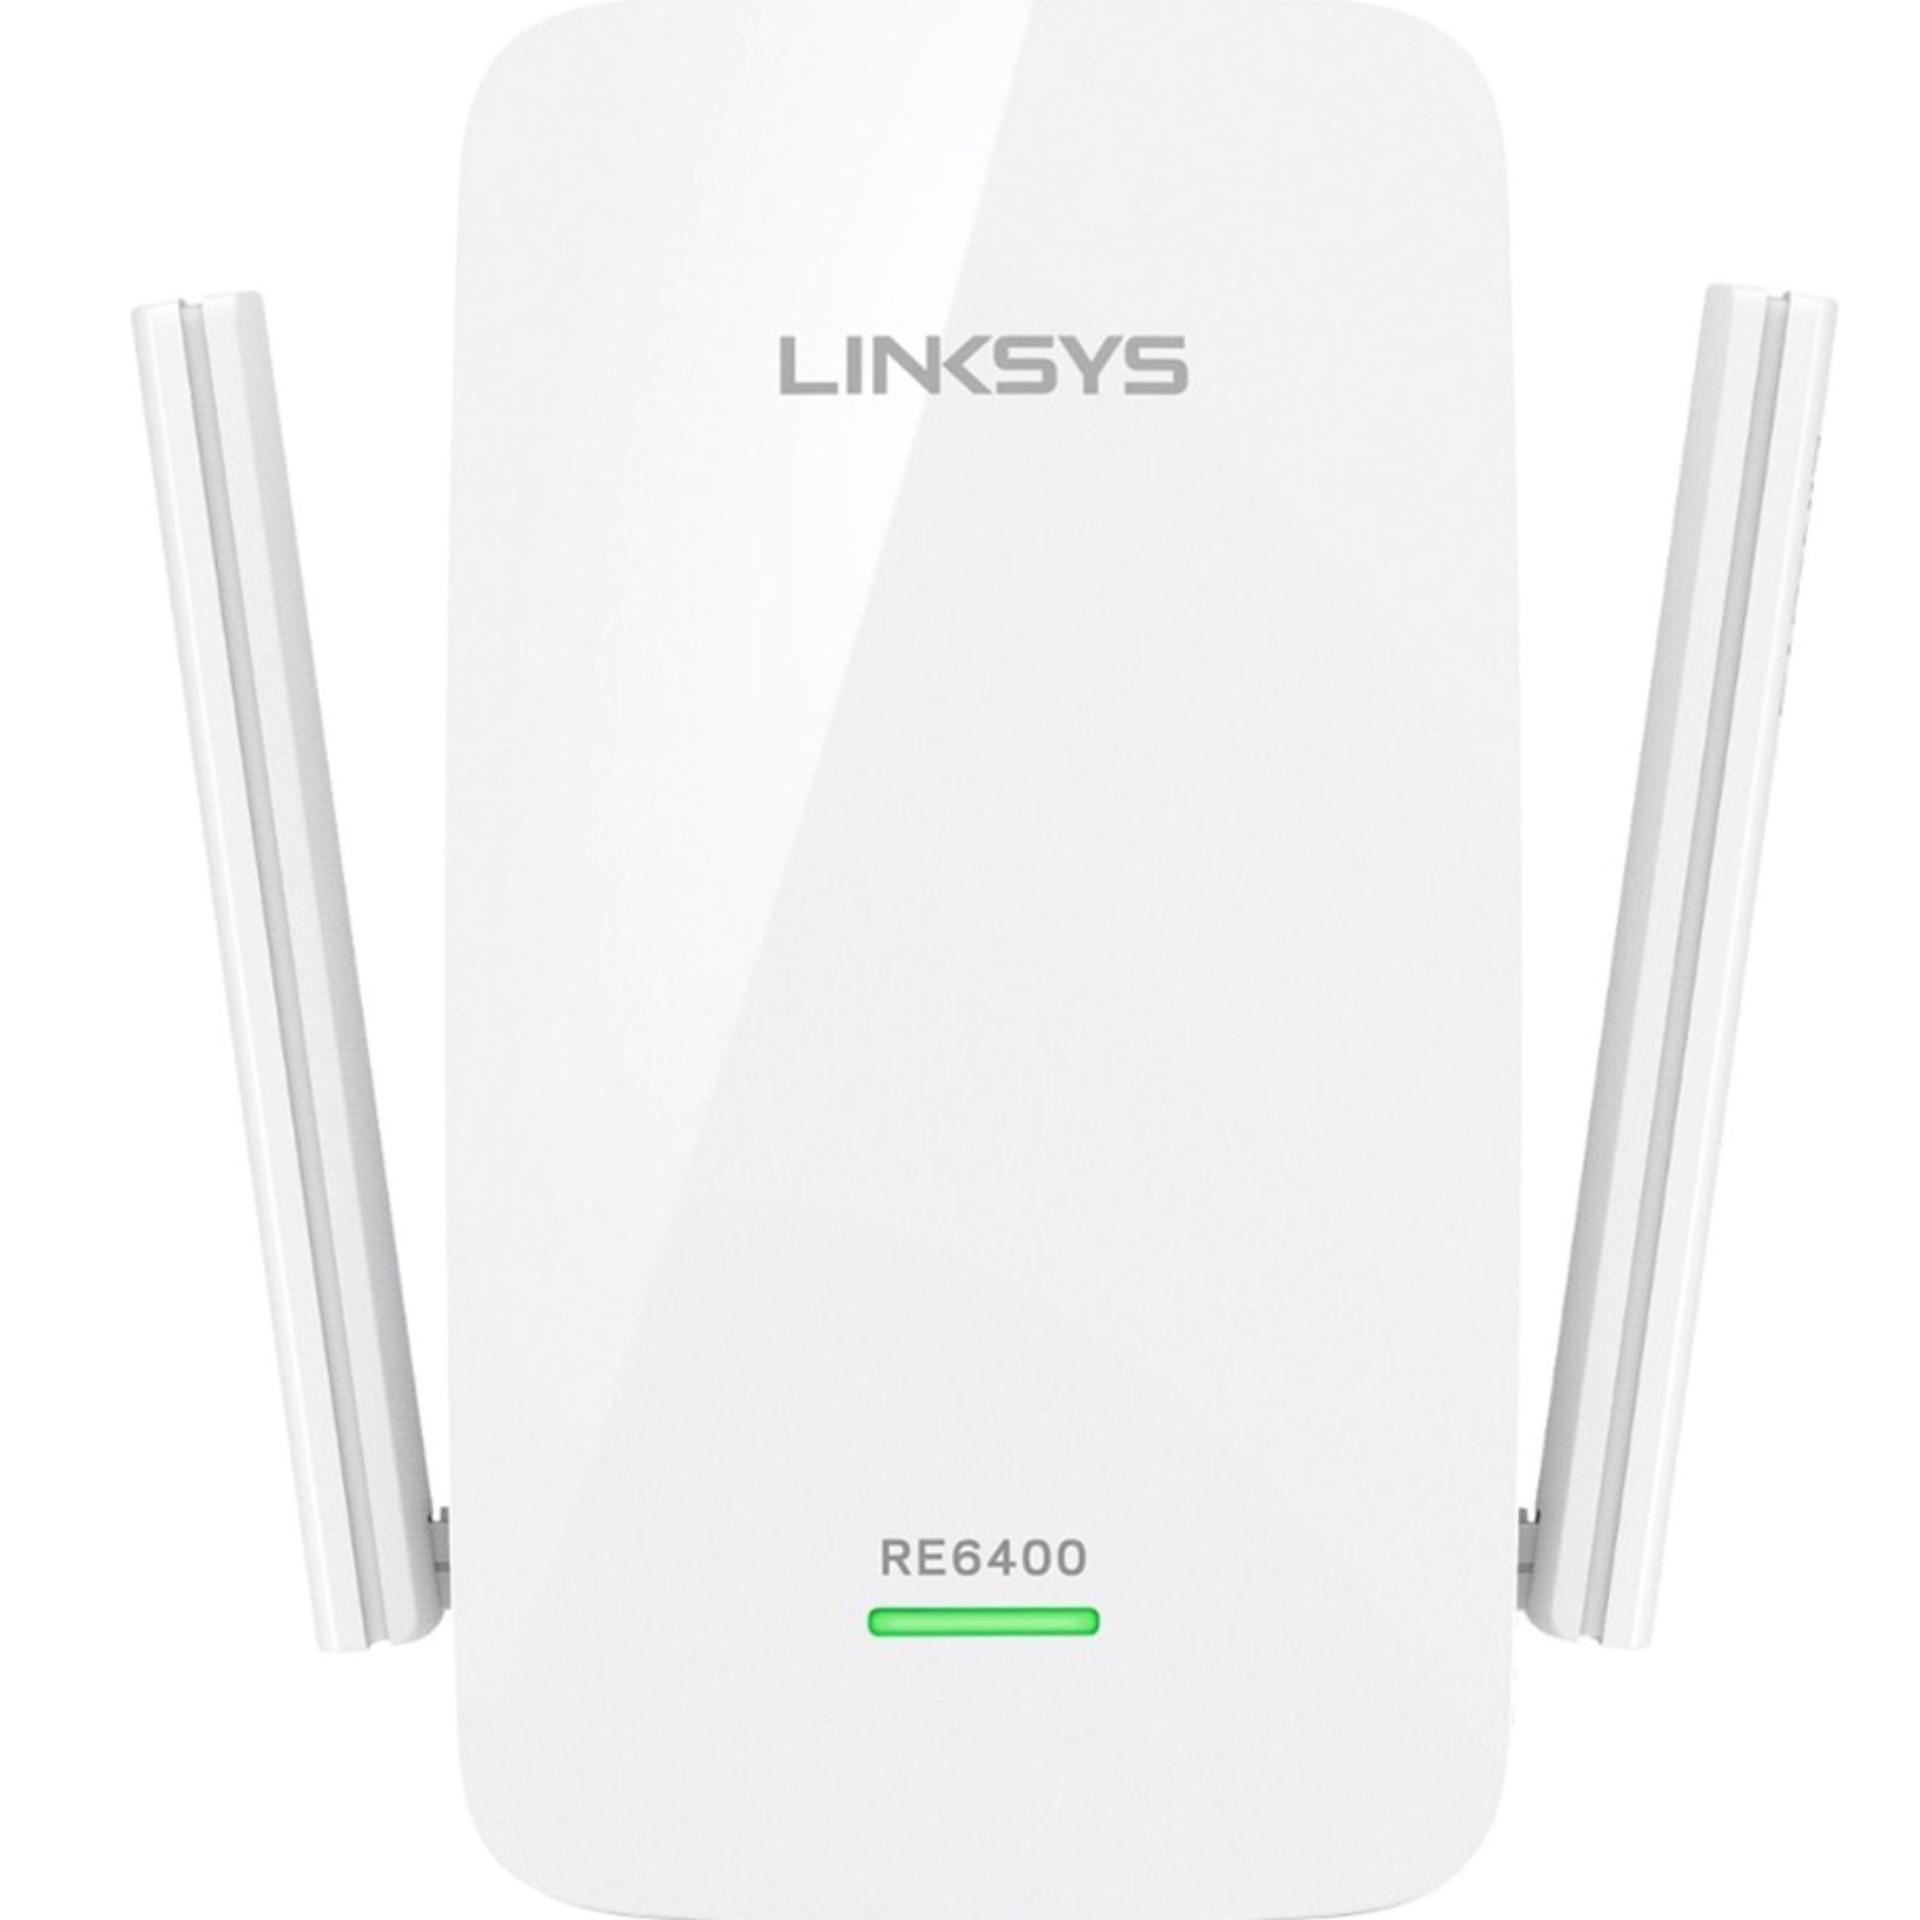 Router Wifi Linksys Re6400 Ac1200 Phát Sóng Băng Tần Kép